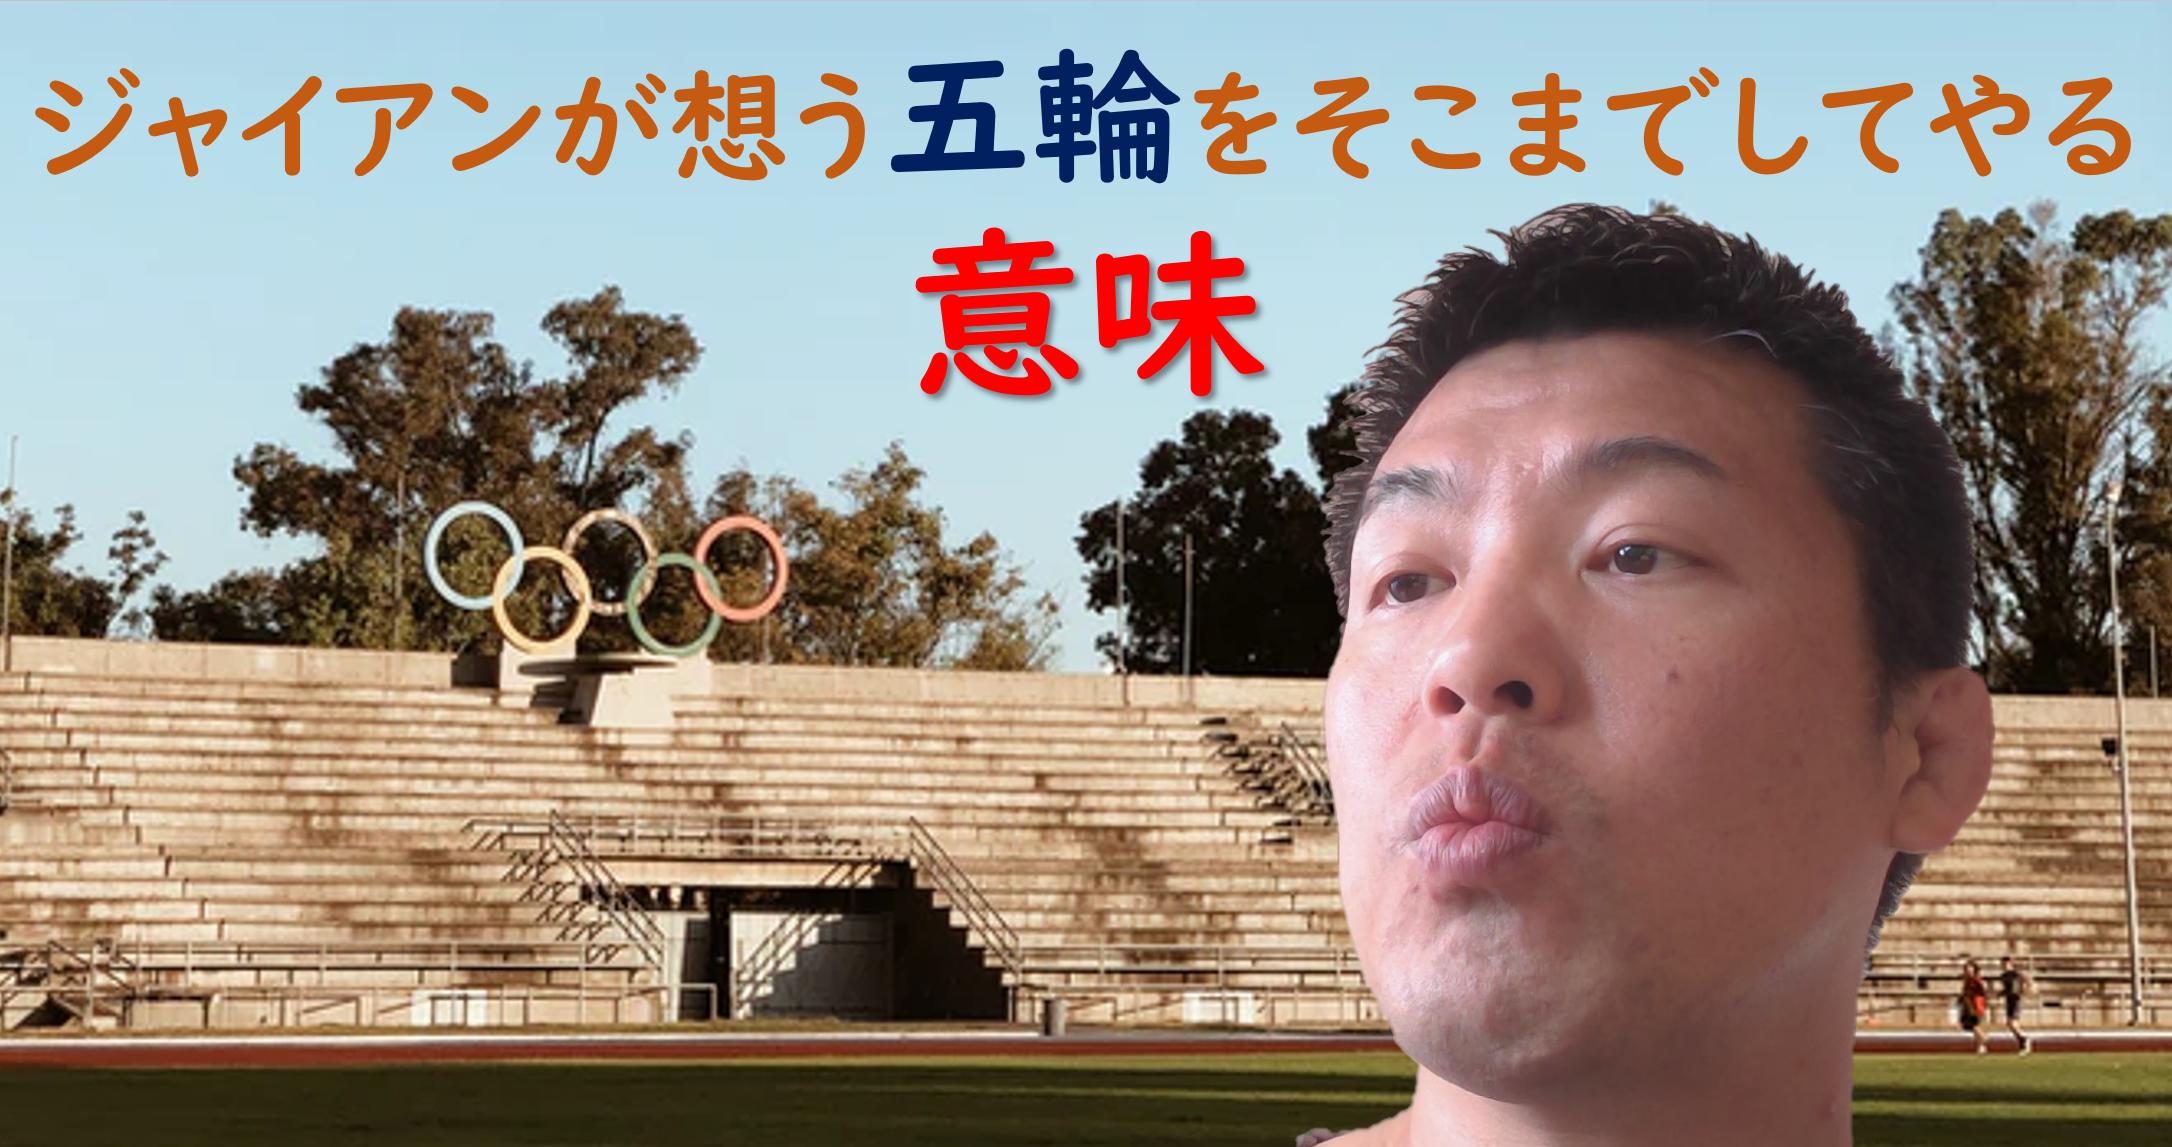 東京五輪をそこまでしてうやる意味